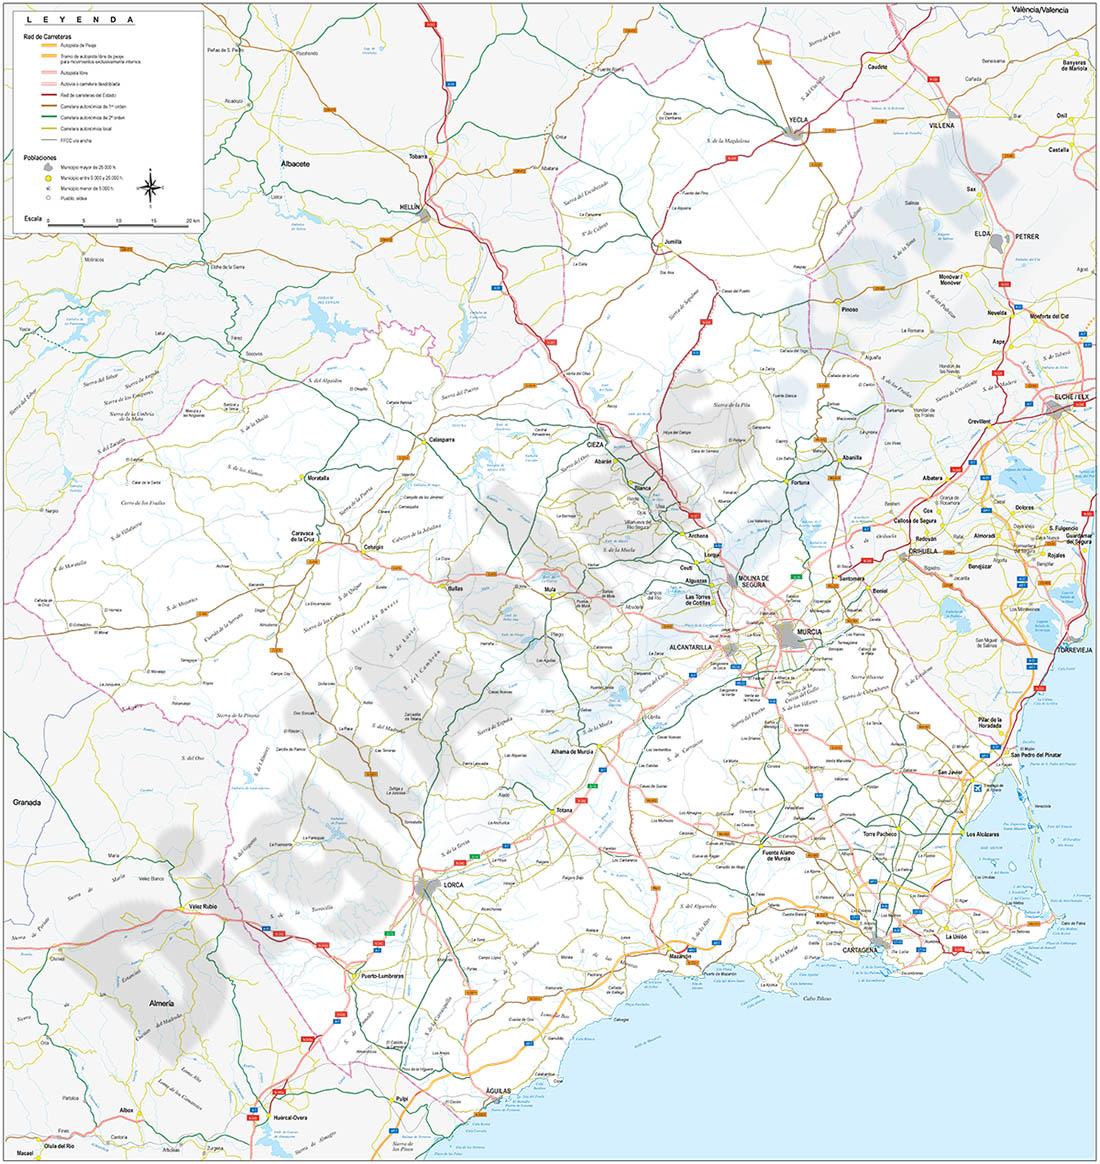 Map of Región de Murcia